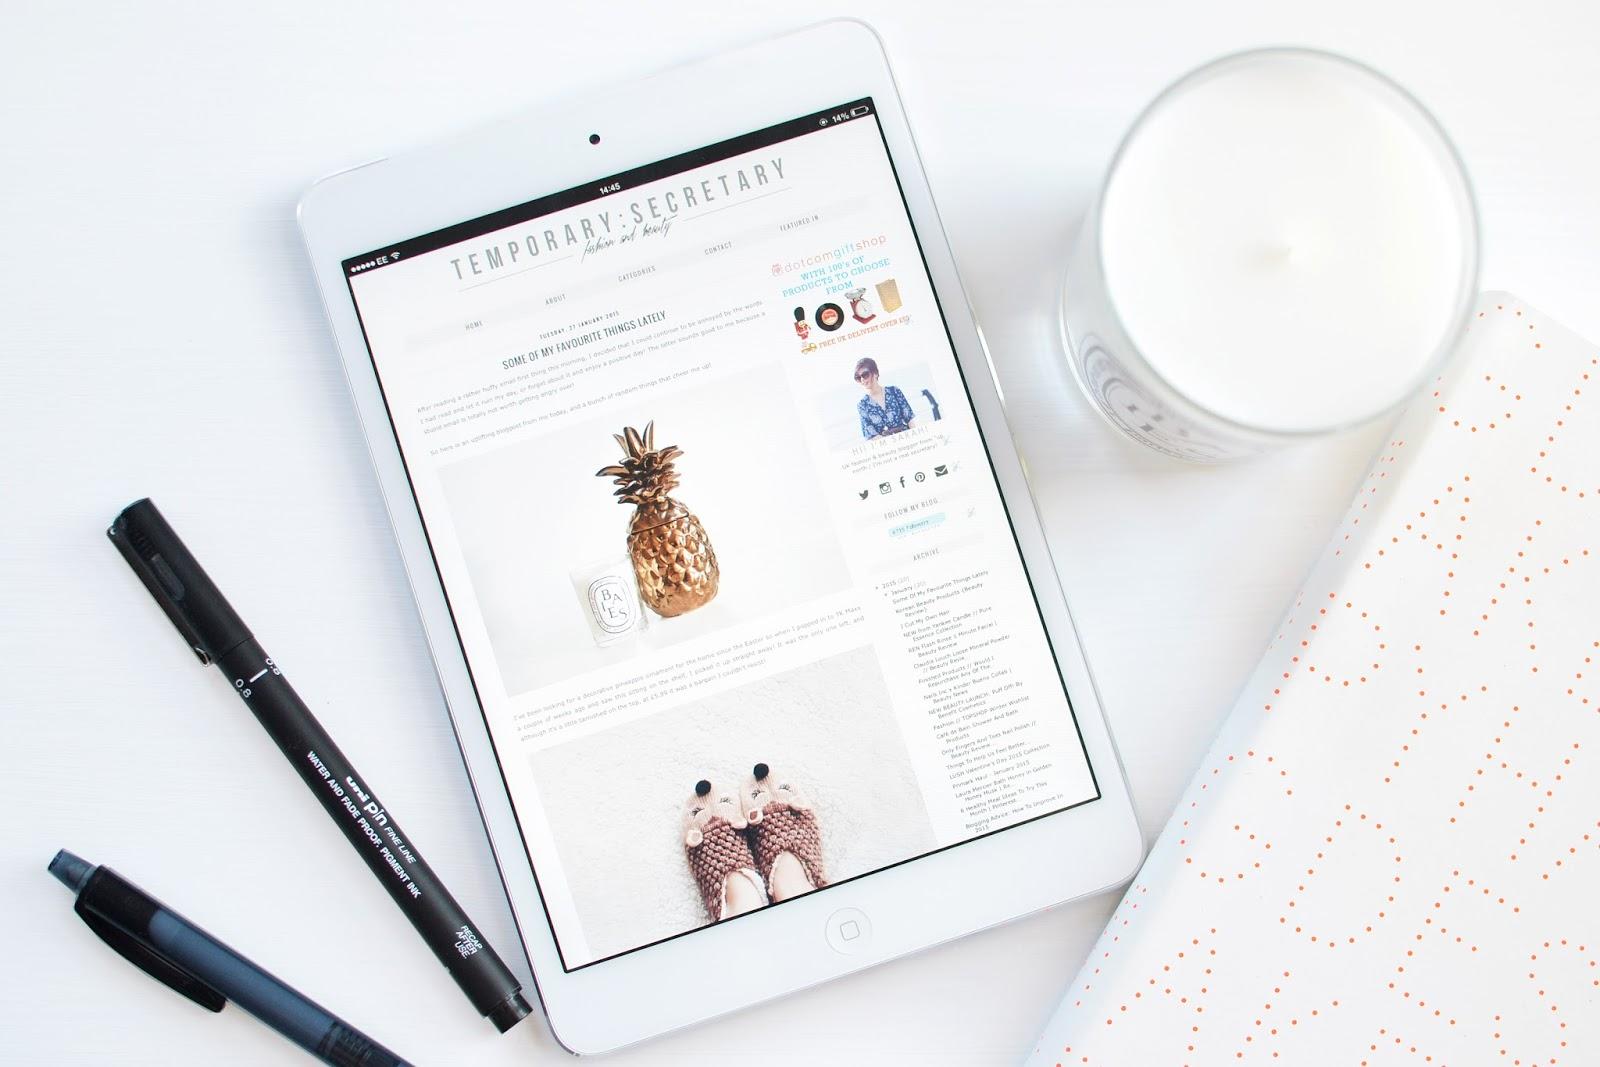 fashion blog uk, beauty blog uk, temporary secretary blog